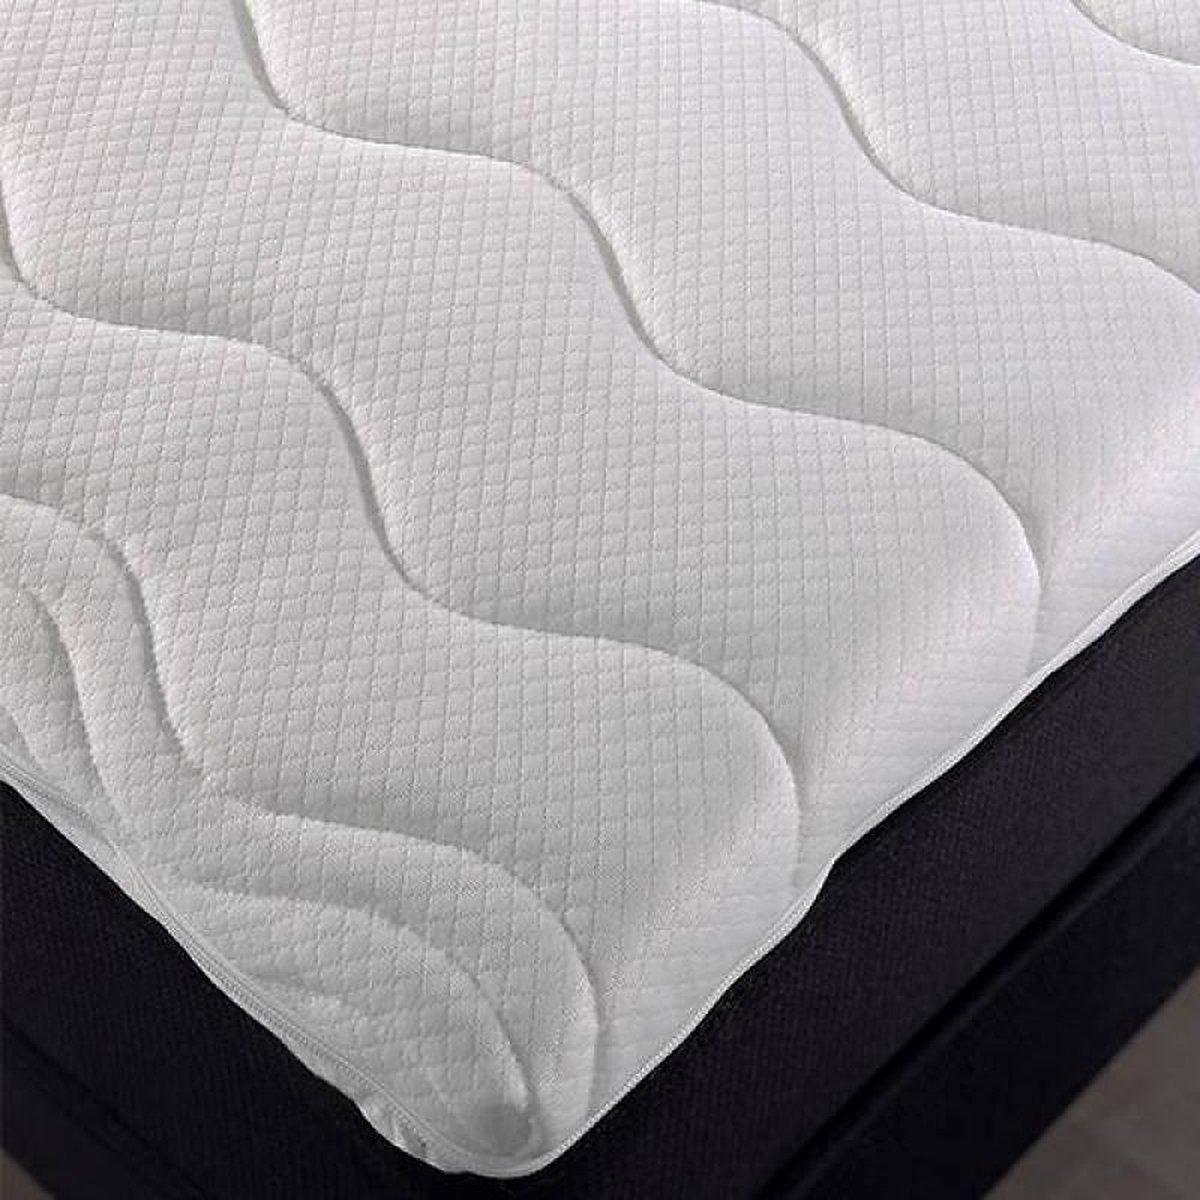 180x210 Topper - Dekmatras Nasa traagschuim c.a. 6 cm dik - SleepTech